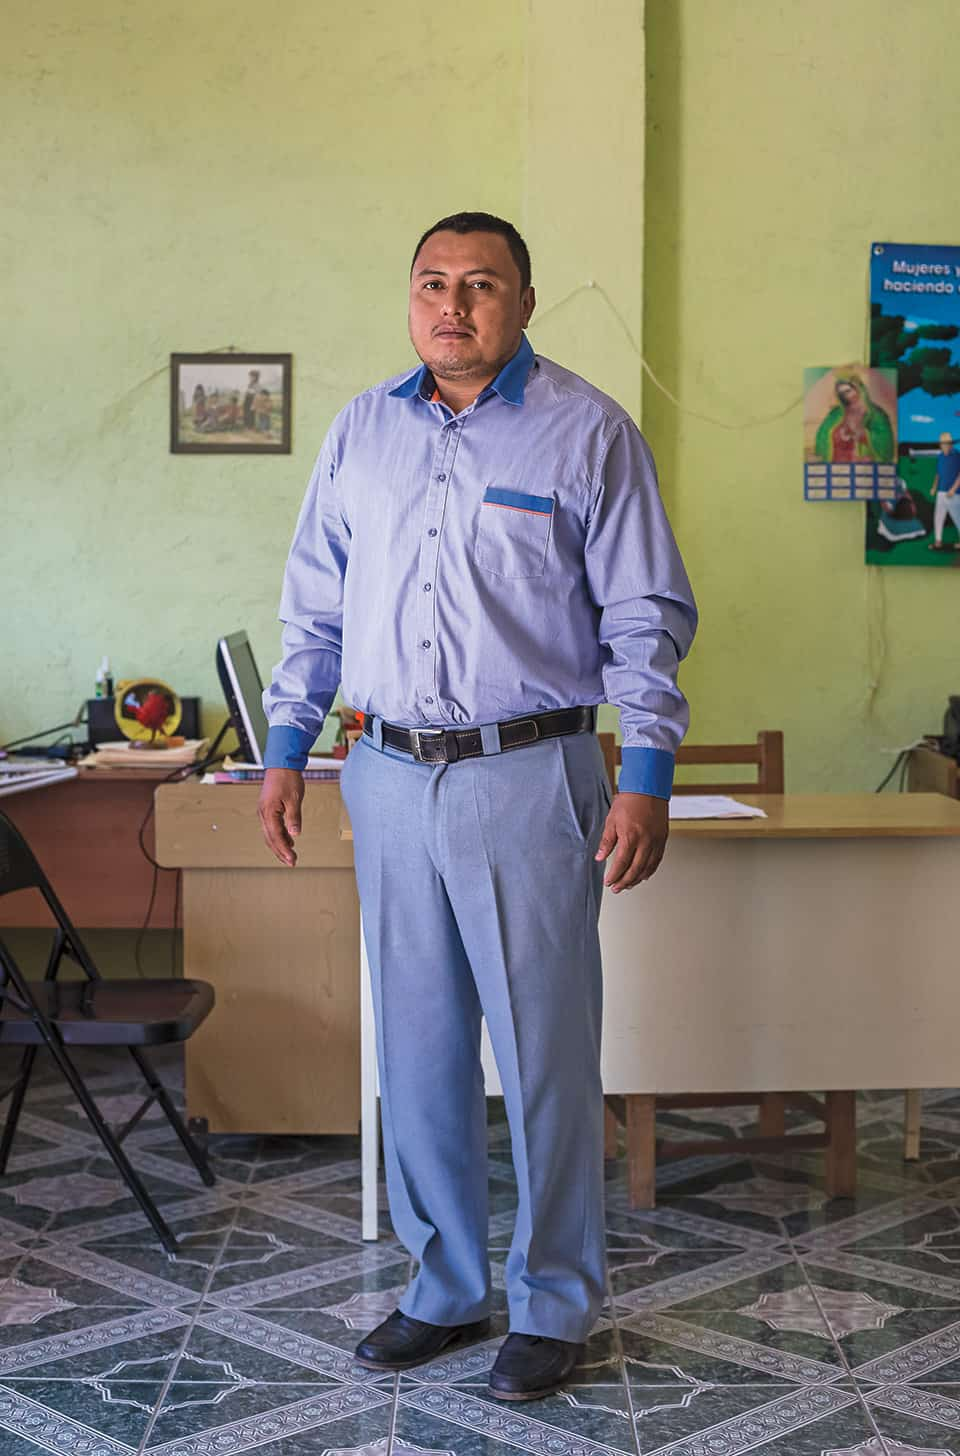 Rogelio Teliz, abogado del Centro de Derechos Humanos de la Montaña Tlachinollan.